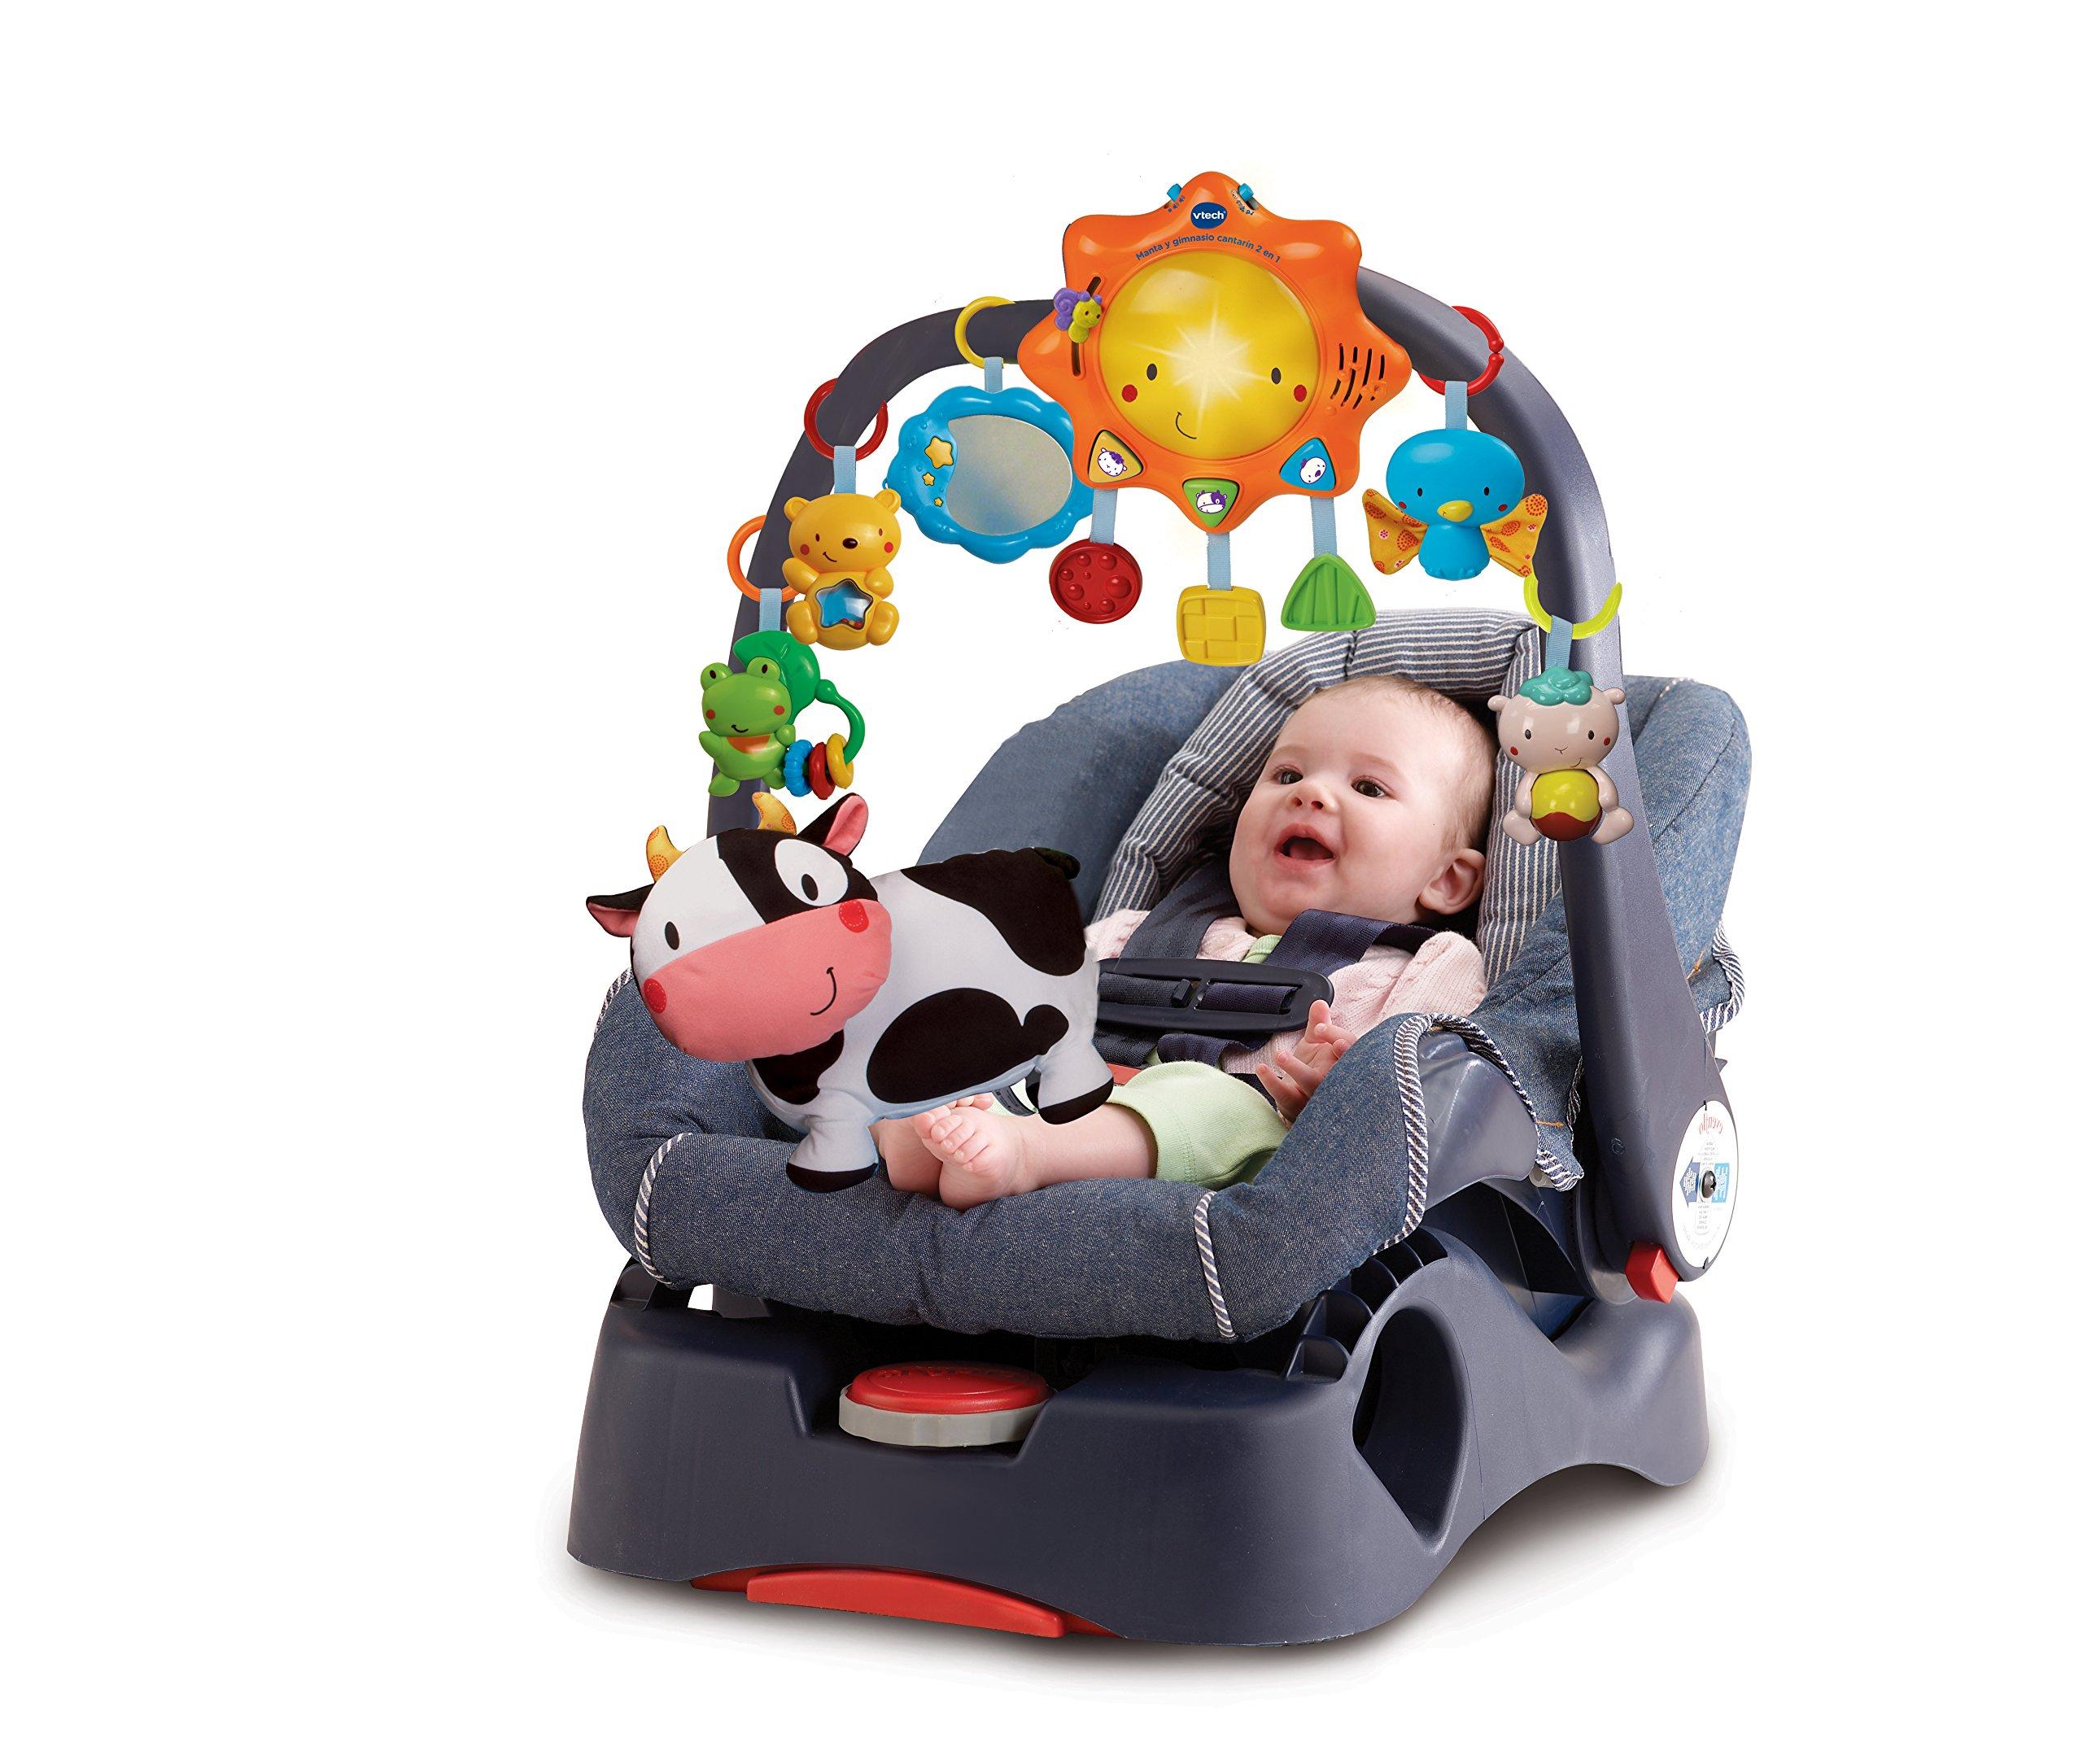 Centro de actividades VTech Baby figuras en moises